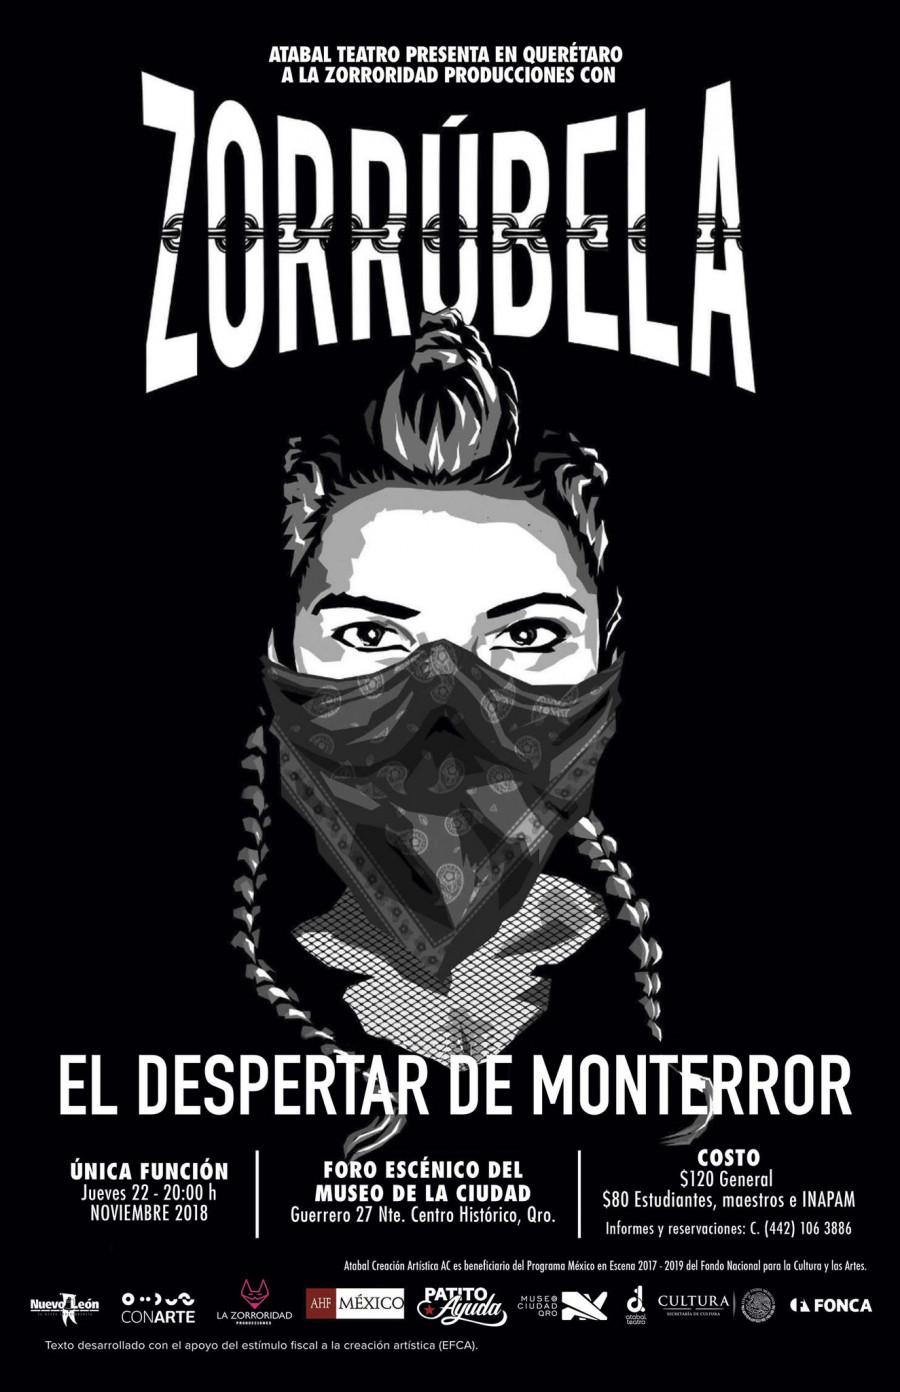 Zorrúbela, el despertar de Monterror, entrada libre